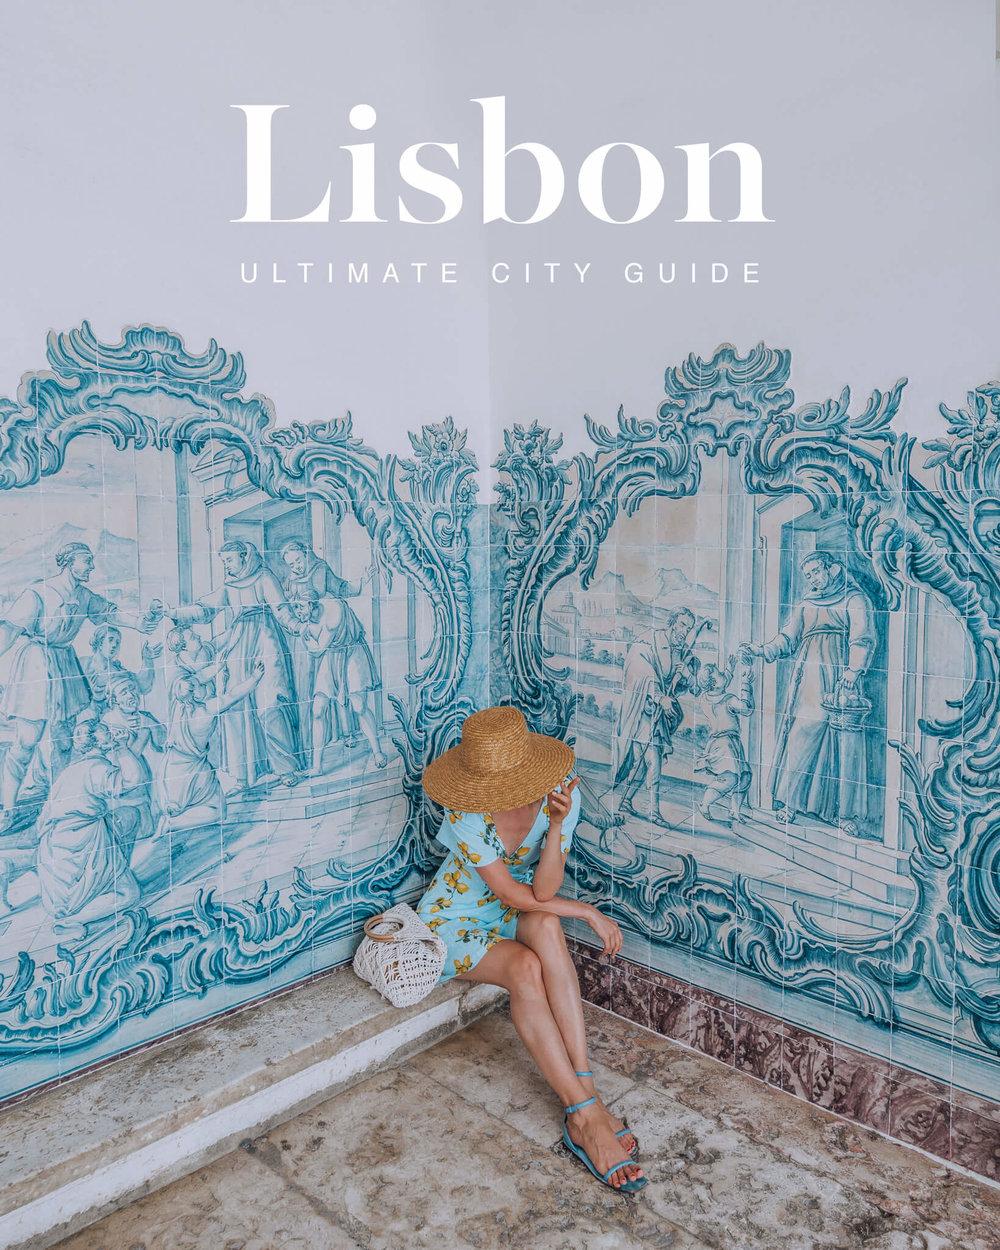 Lisbon-Ultimate-city-guide.jpg